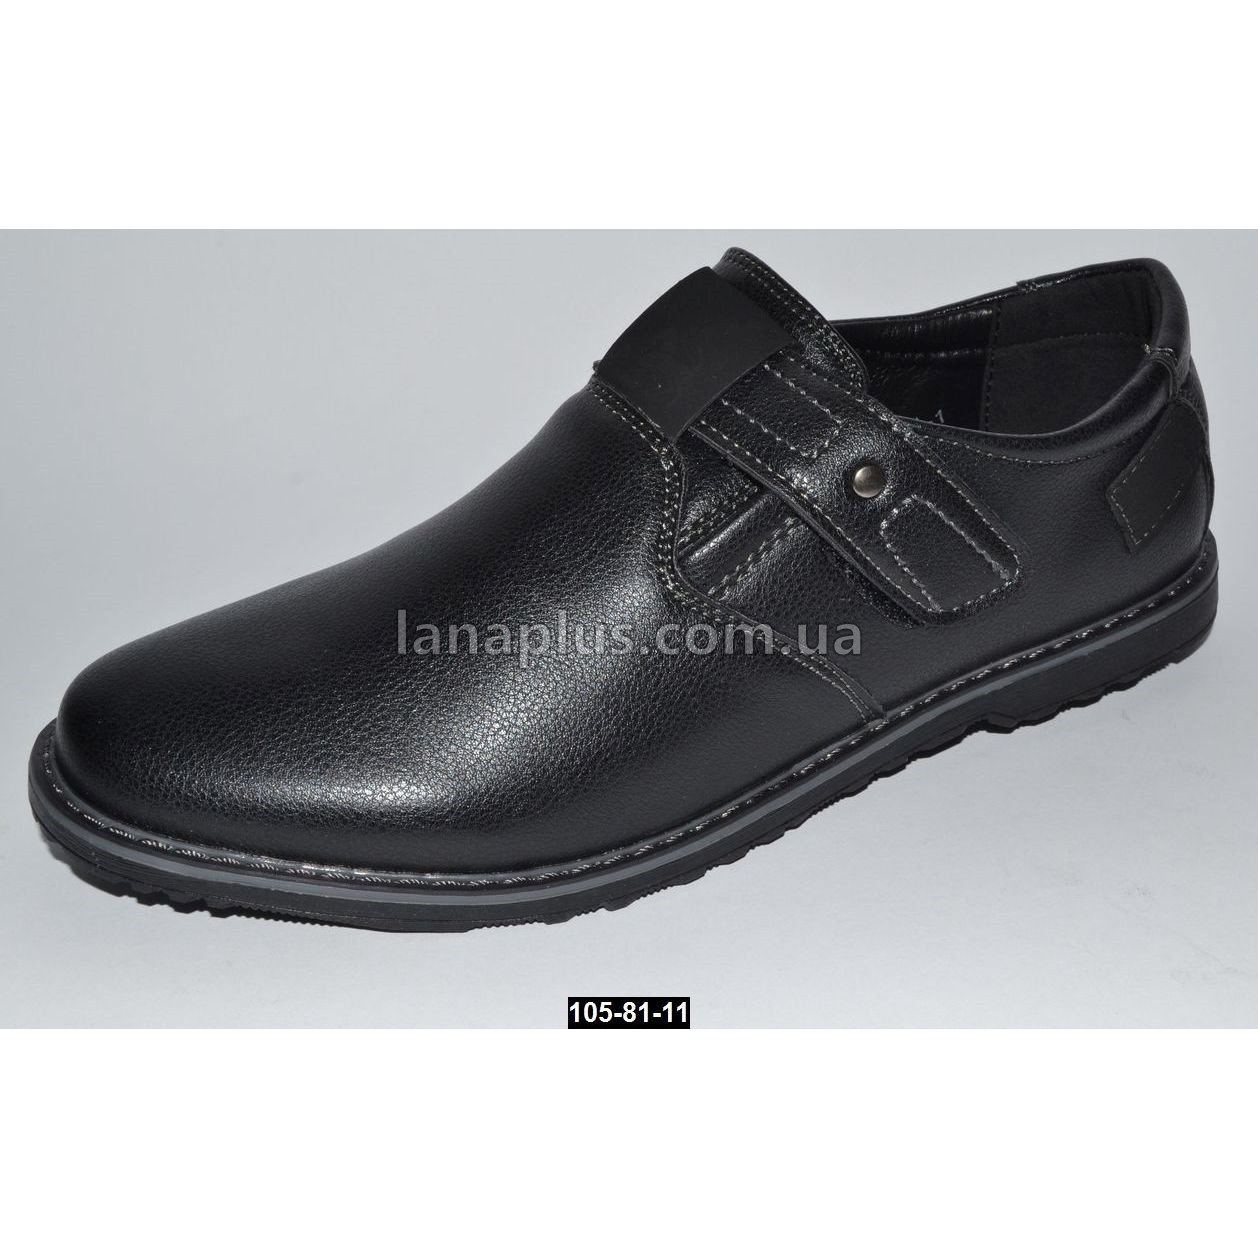 Прошитые школьные туфли для мальчика, 36 размер (23 см), супинатор